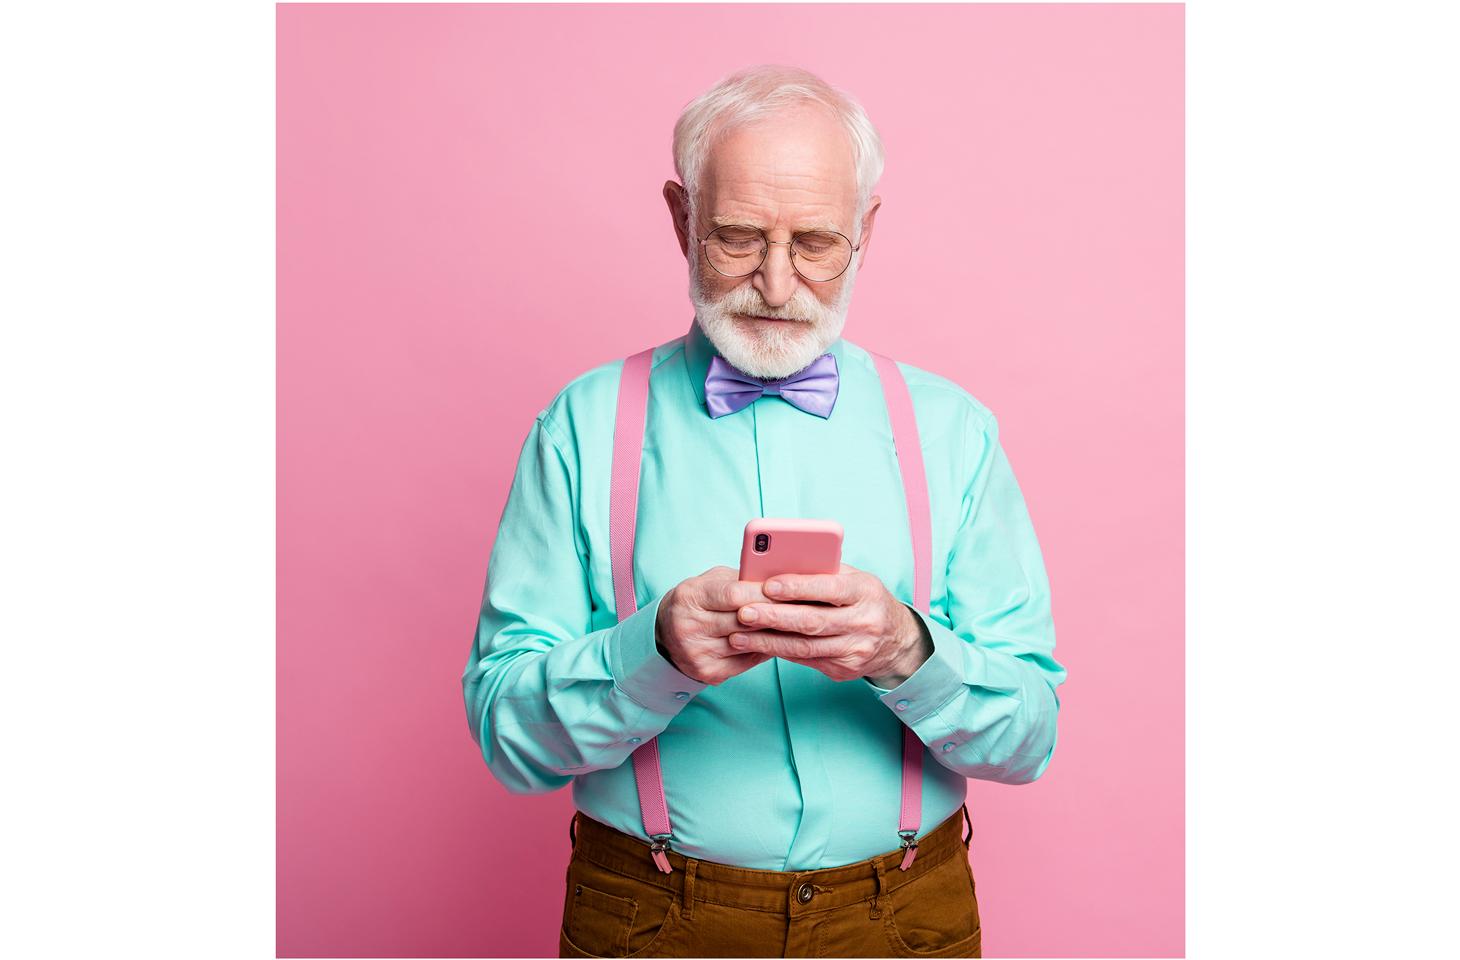 Pop-up iOS : « Autoriser l'application à suivre vos activités dans les apps et sur les sites Web d'autres sociétés ? » | Blog officiel de Kaspersky